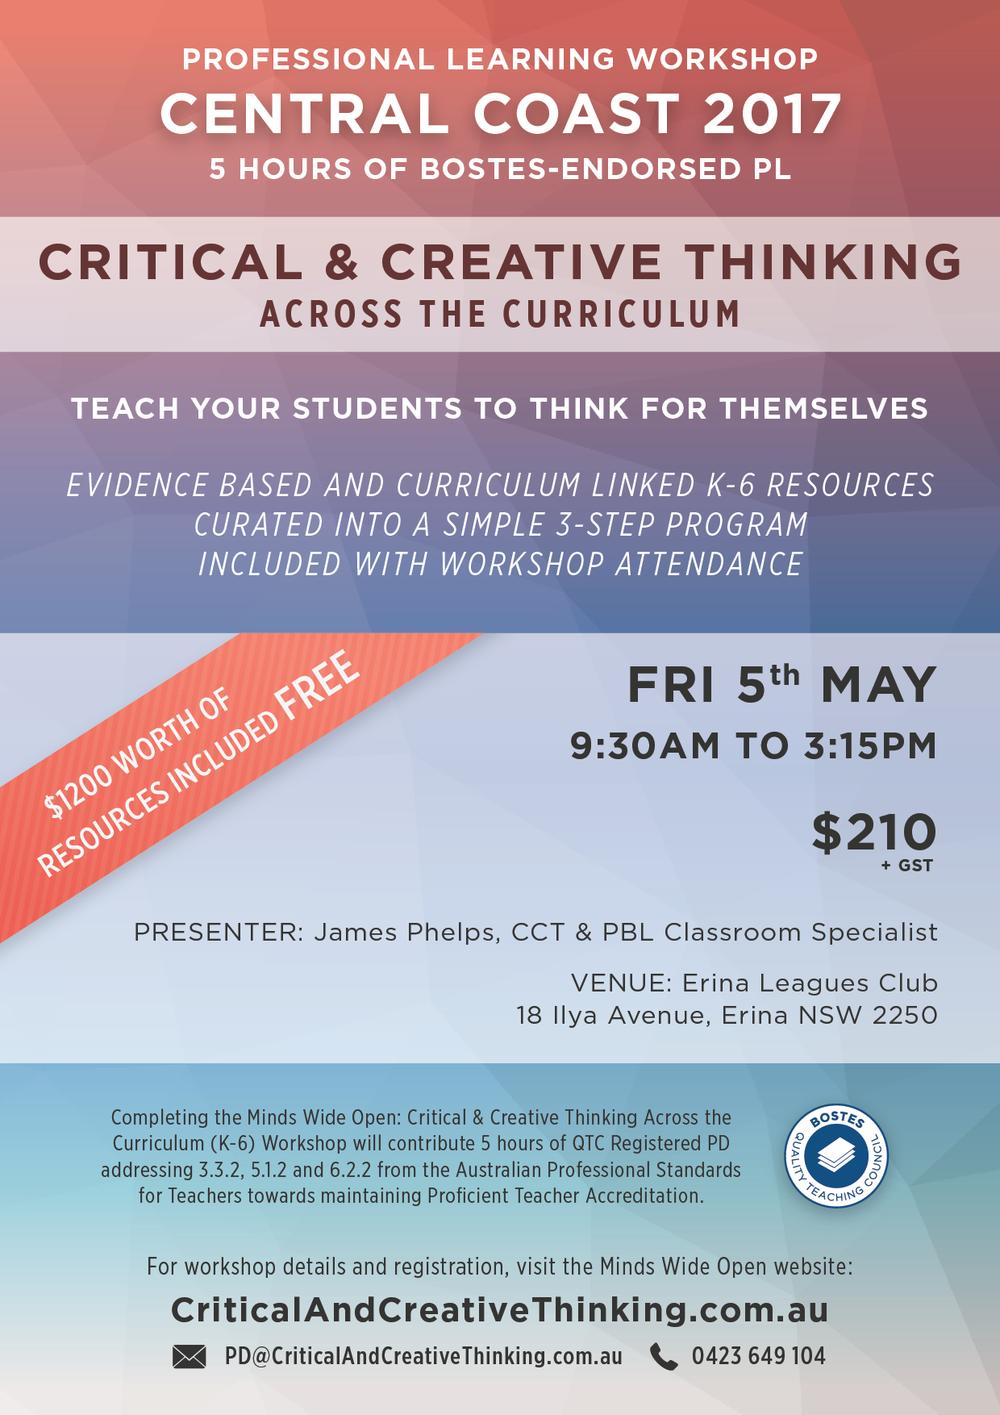 Central Coast CCT Workshop Flyer